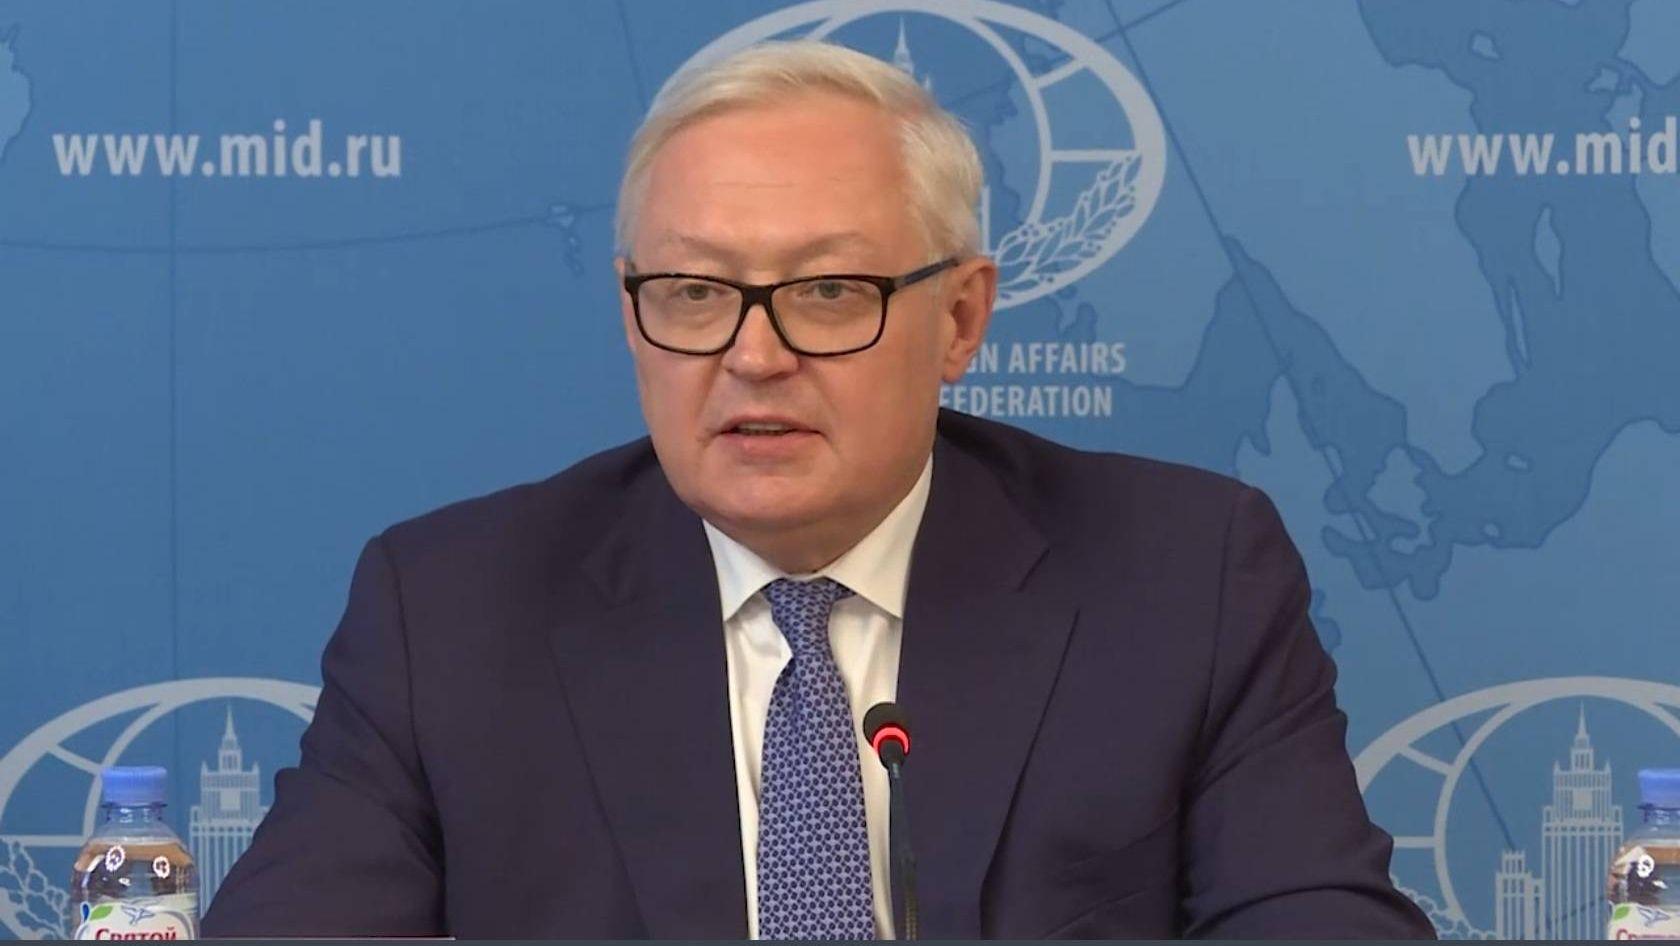 С.А.Рябков на брифинге в связи с прекращением действия Договора о РСМД, Москва, 5 августа 2019 года